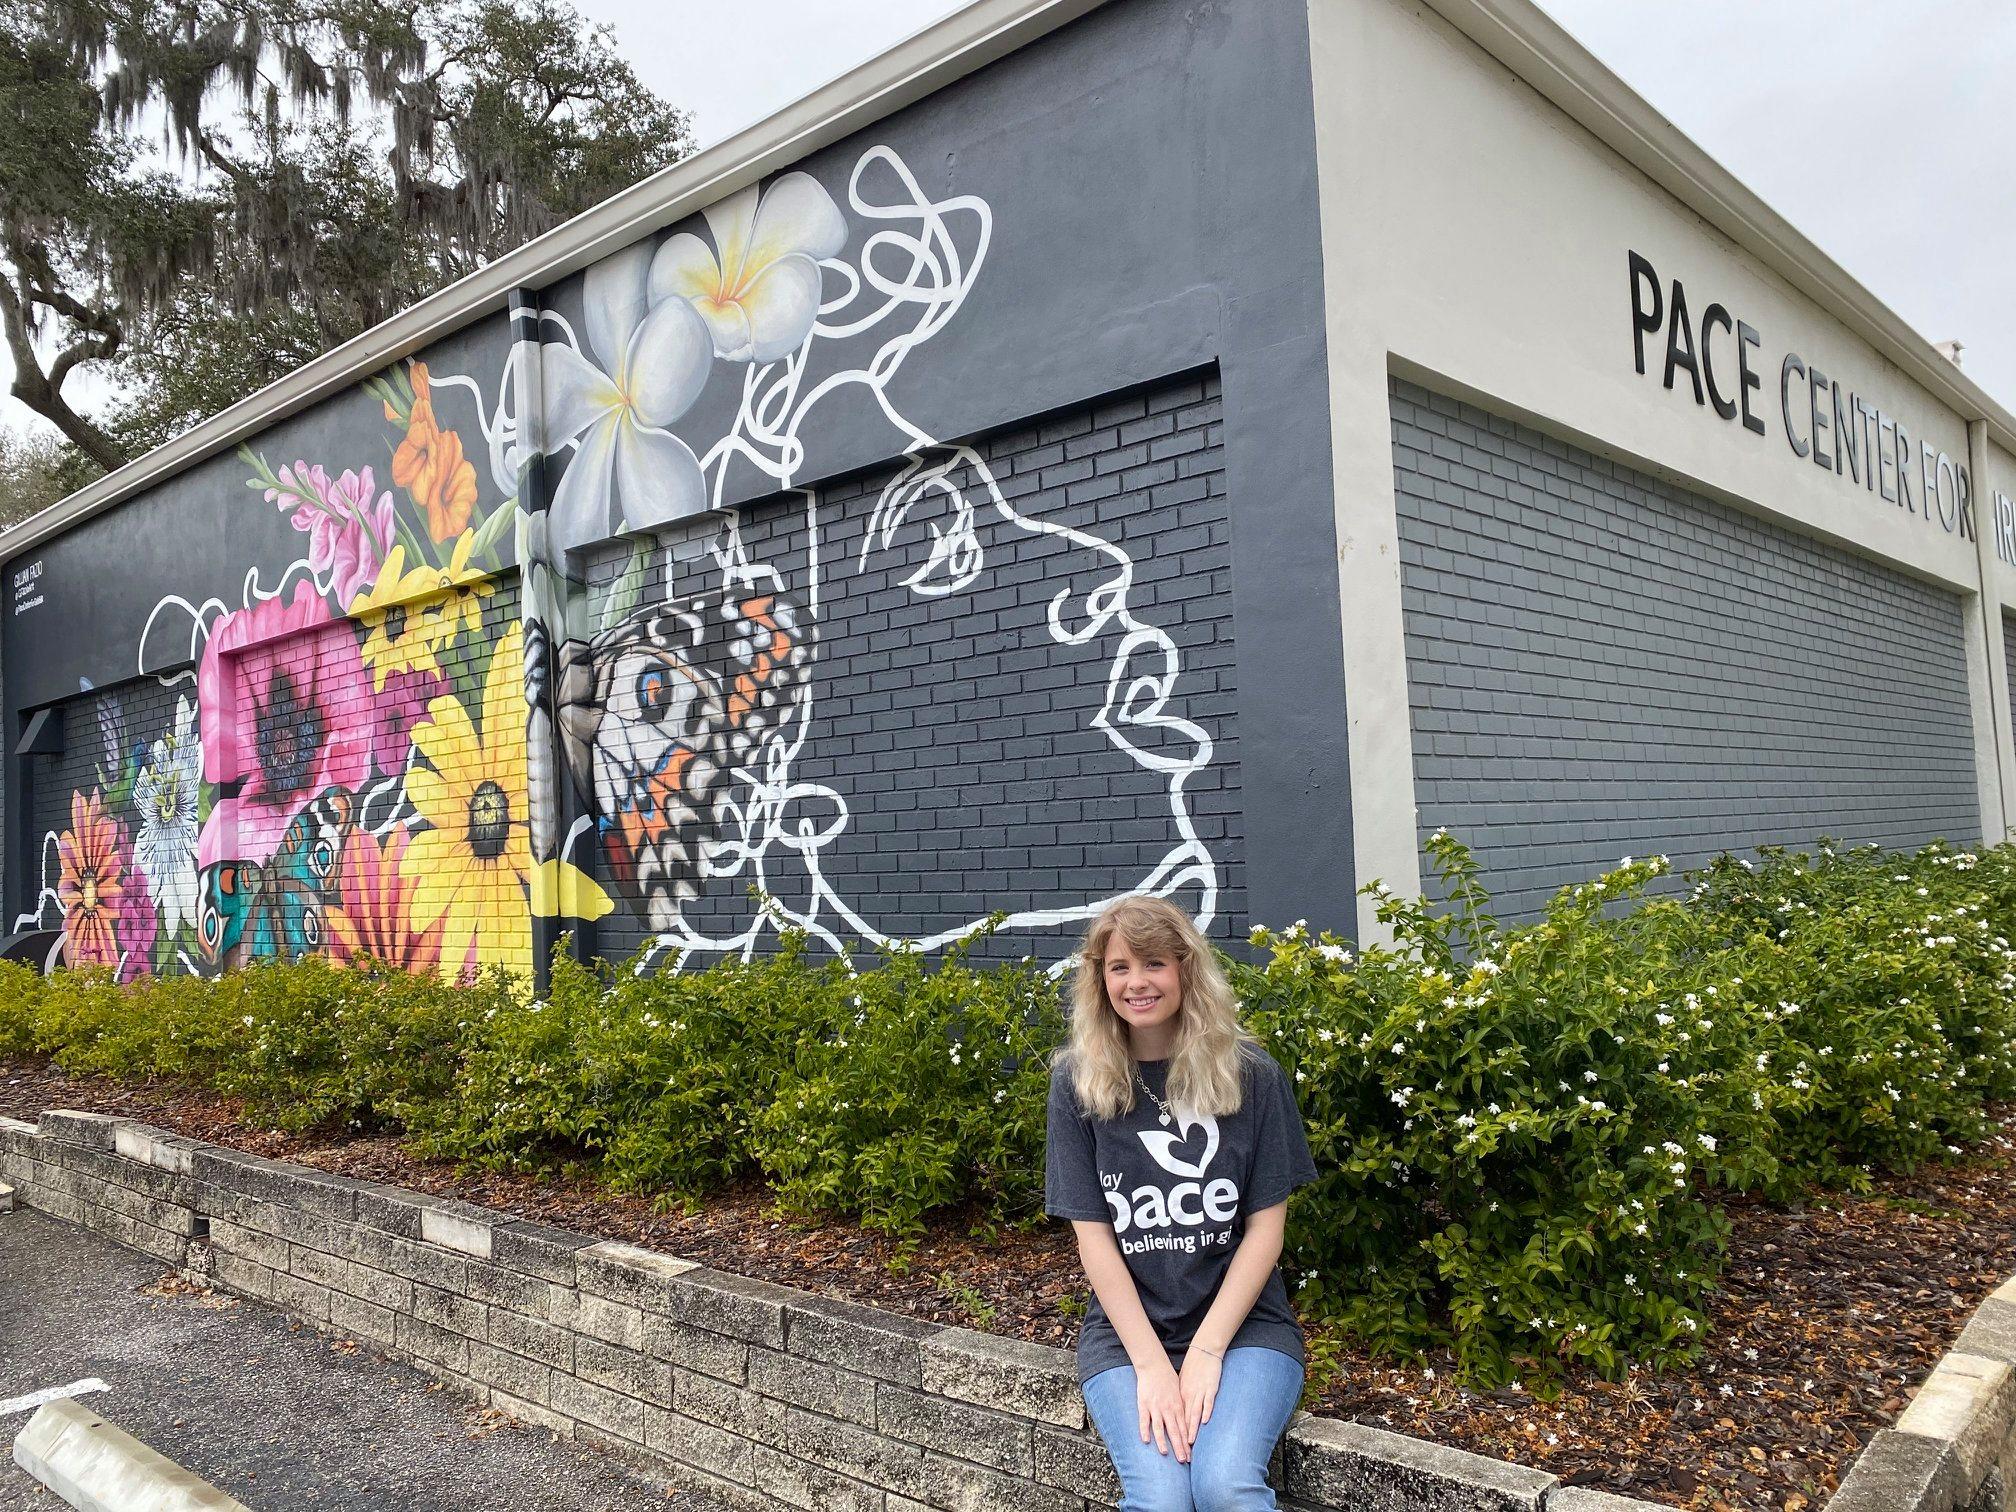 PACE Center for Girls Polk